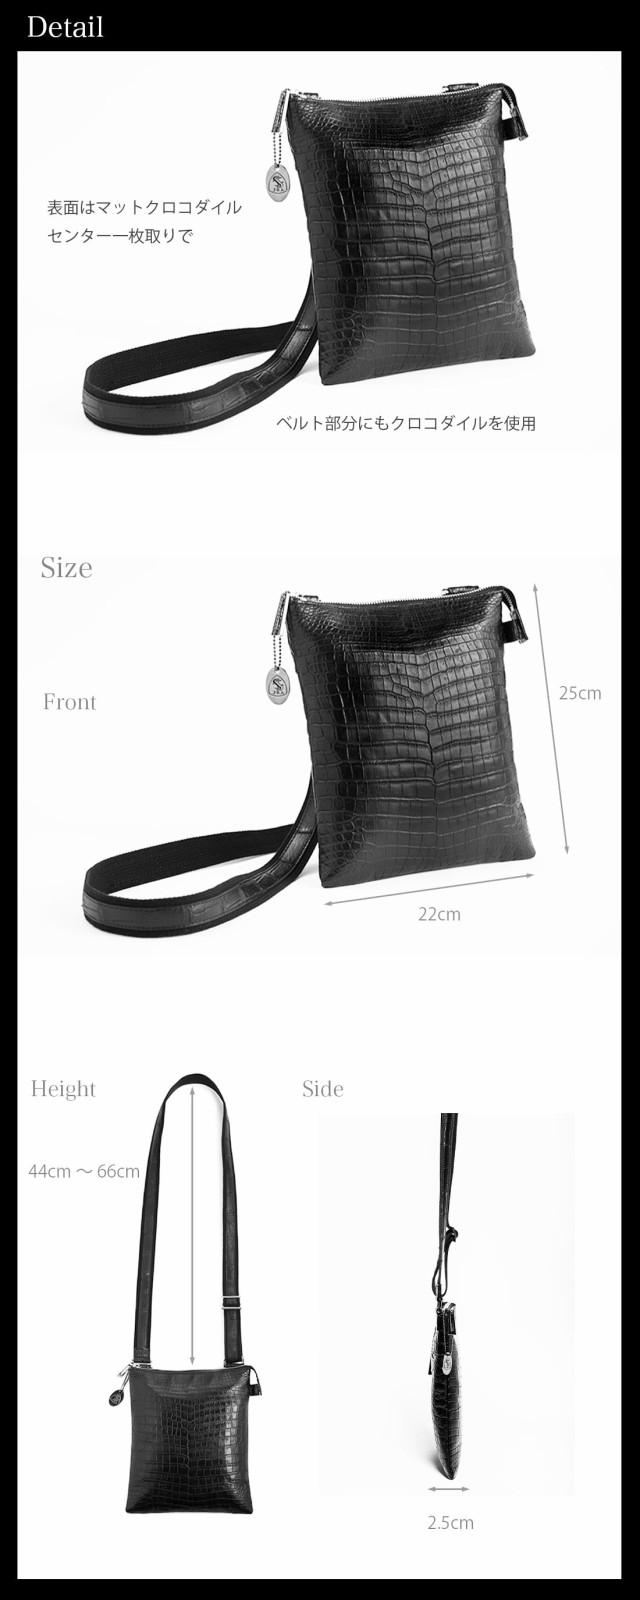 クロコダイル バッグ メンズ 長財布 プレゼント ブランド